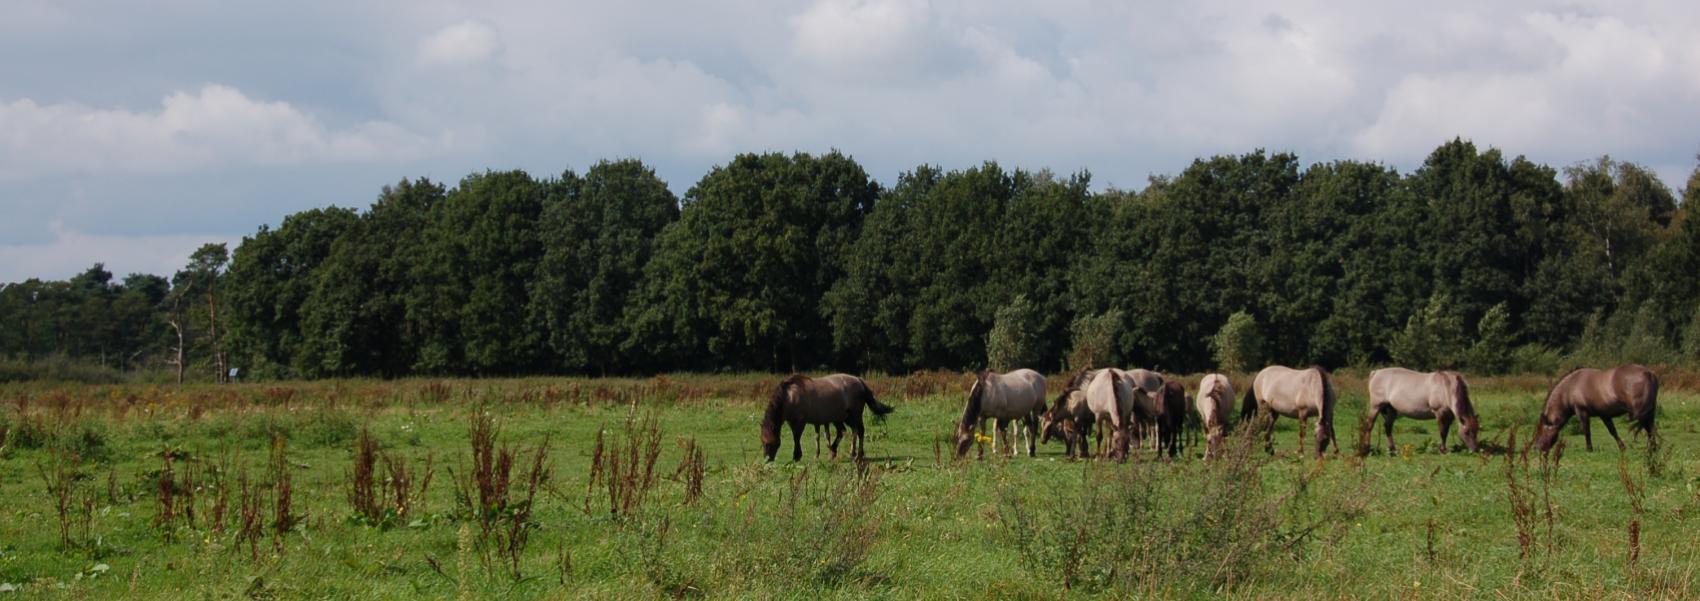 grazende konikpaarden met op de achtergrond bomen